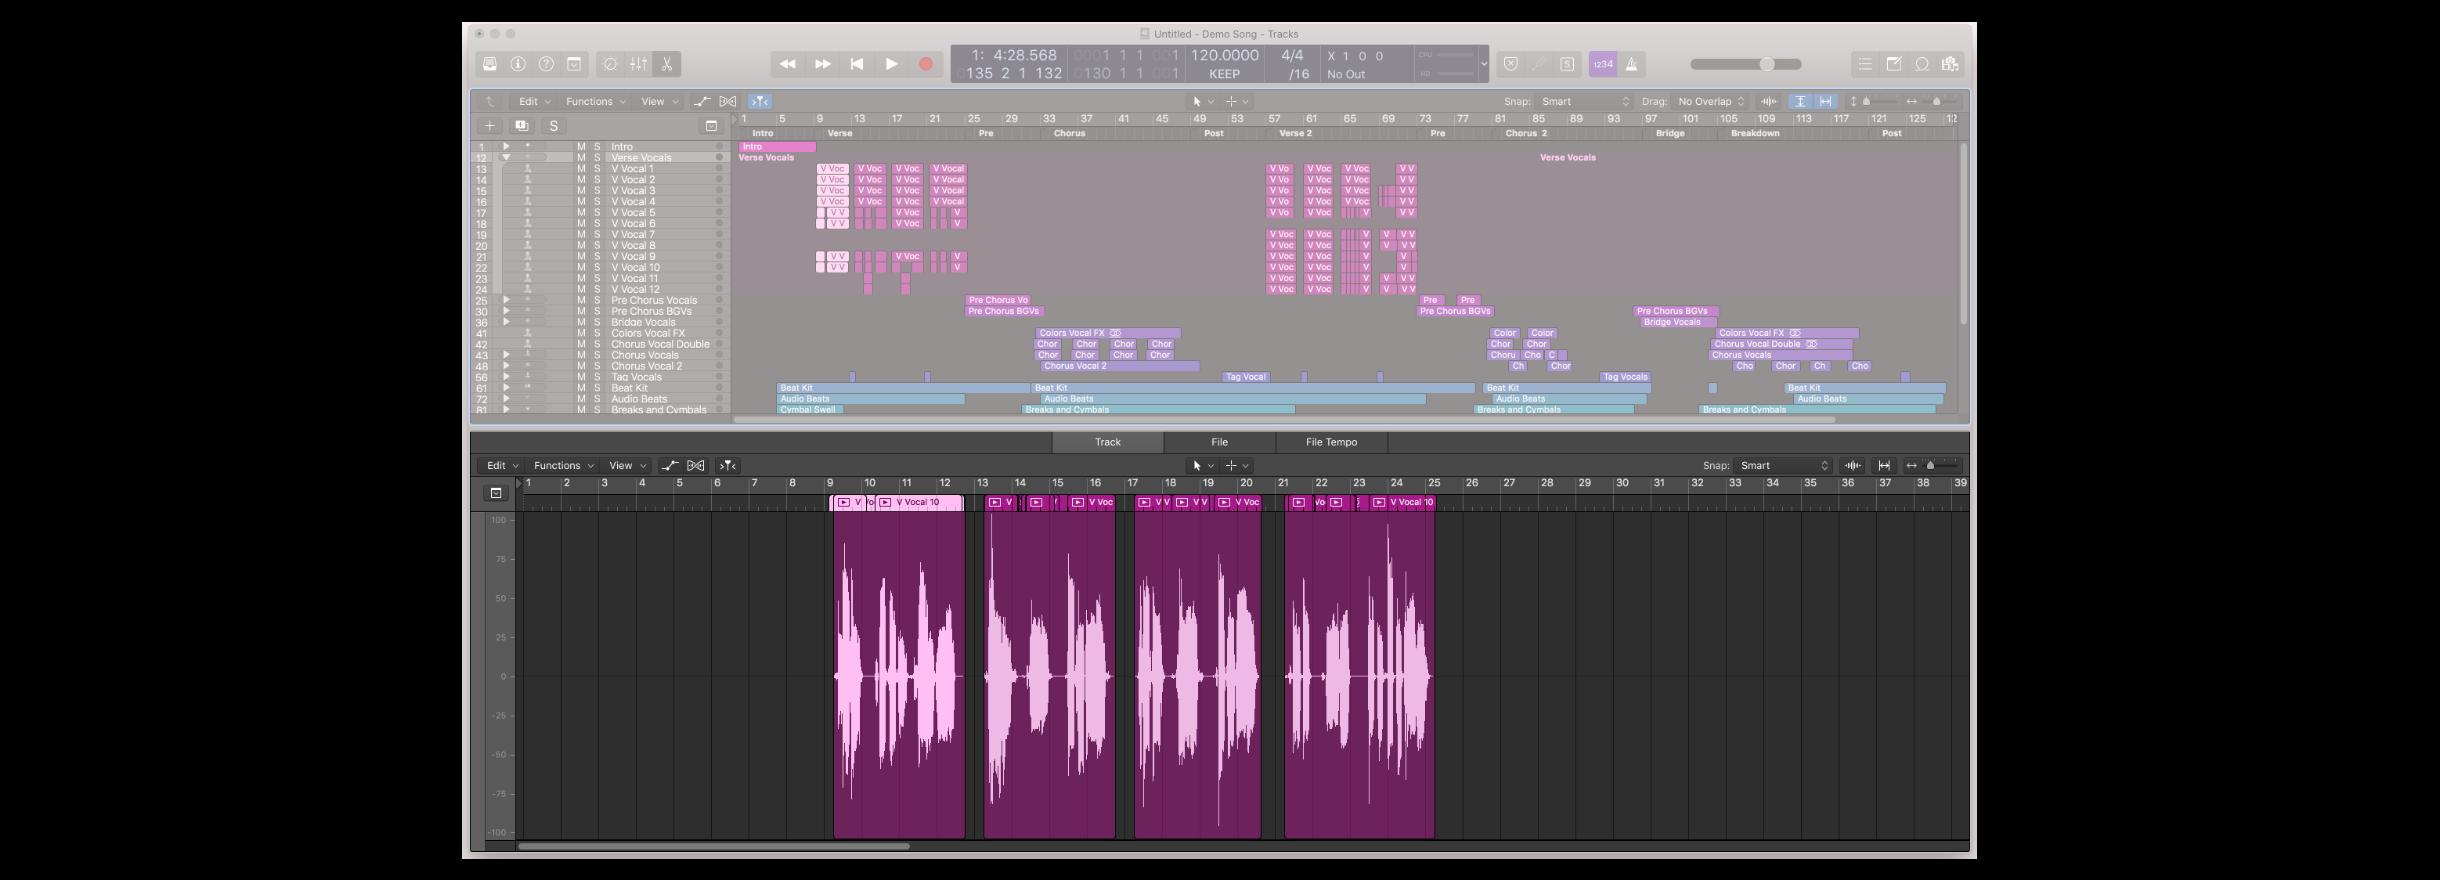 音頻片段的編輯視窗開啟後可以檢視波形,開啟顯示的快捷鍵是 E